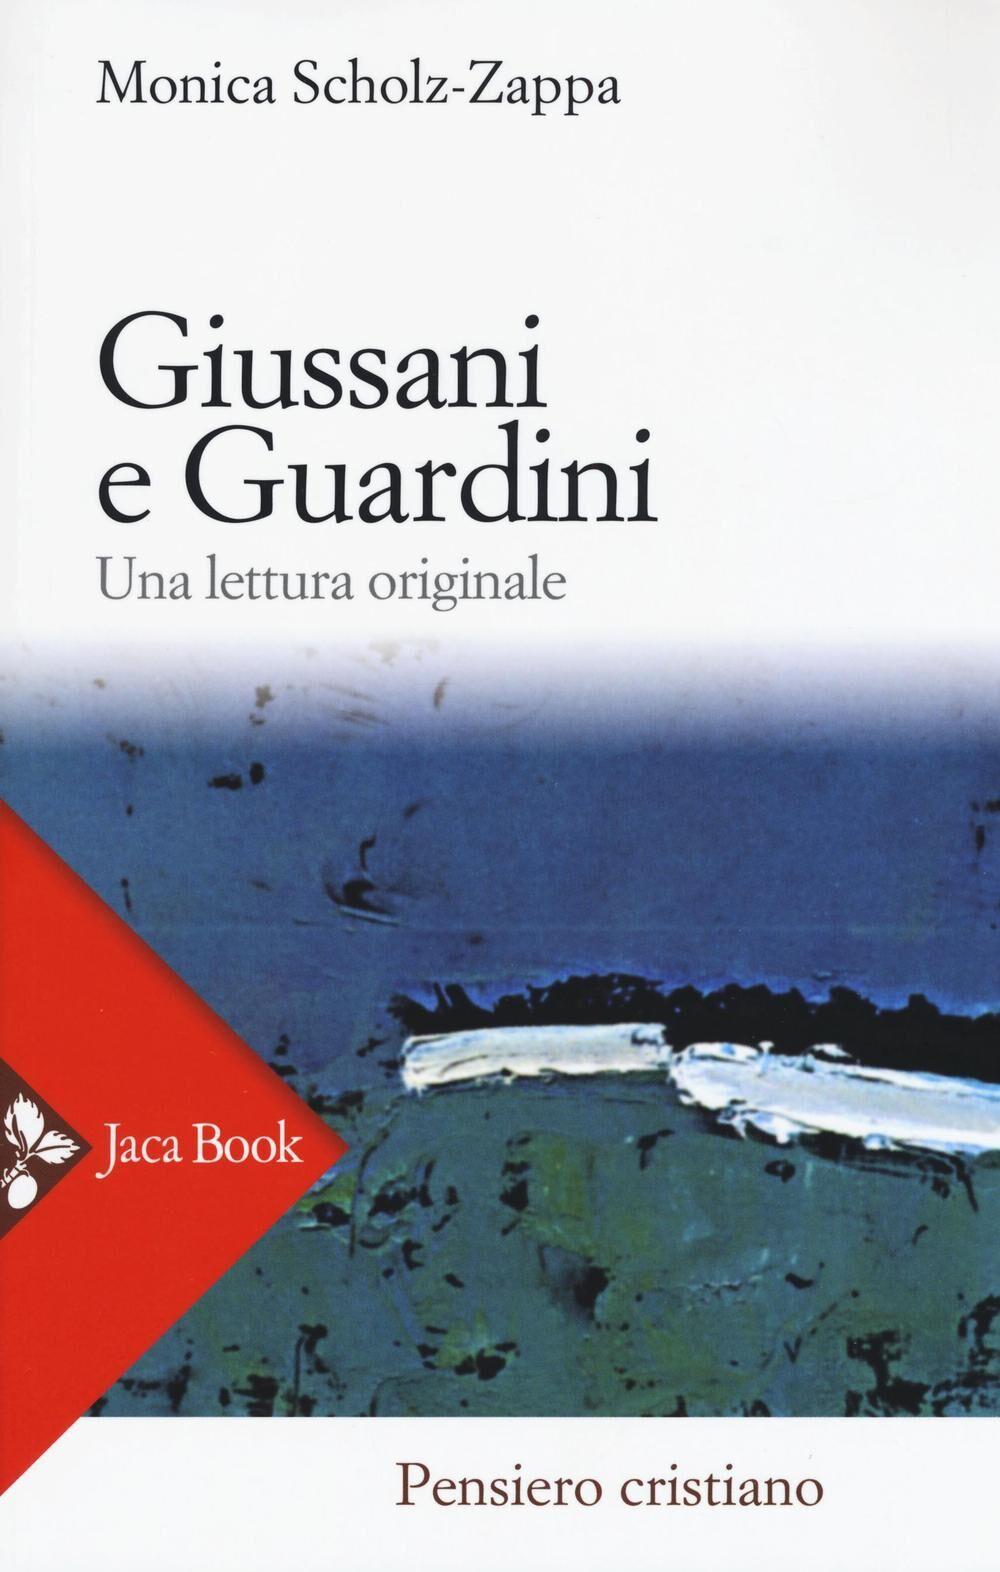 Giussani e Guardini. Una lettura originale